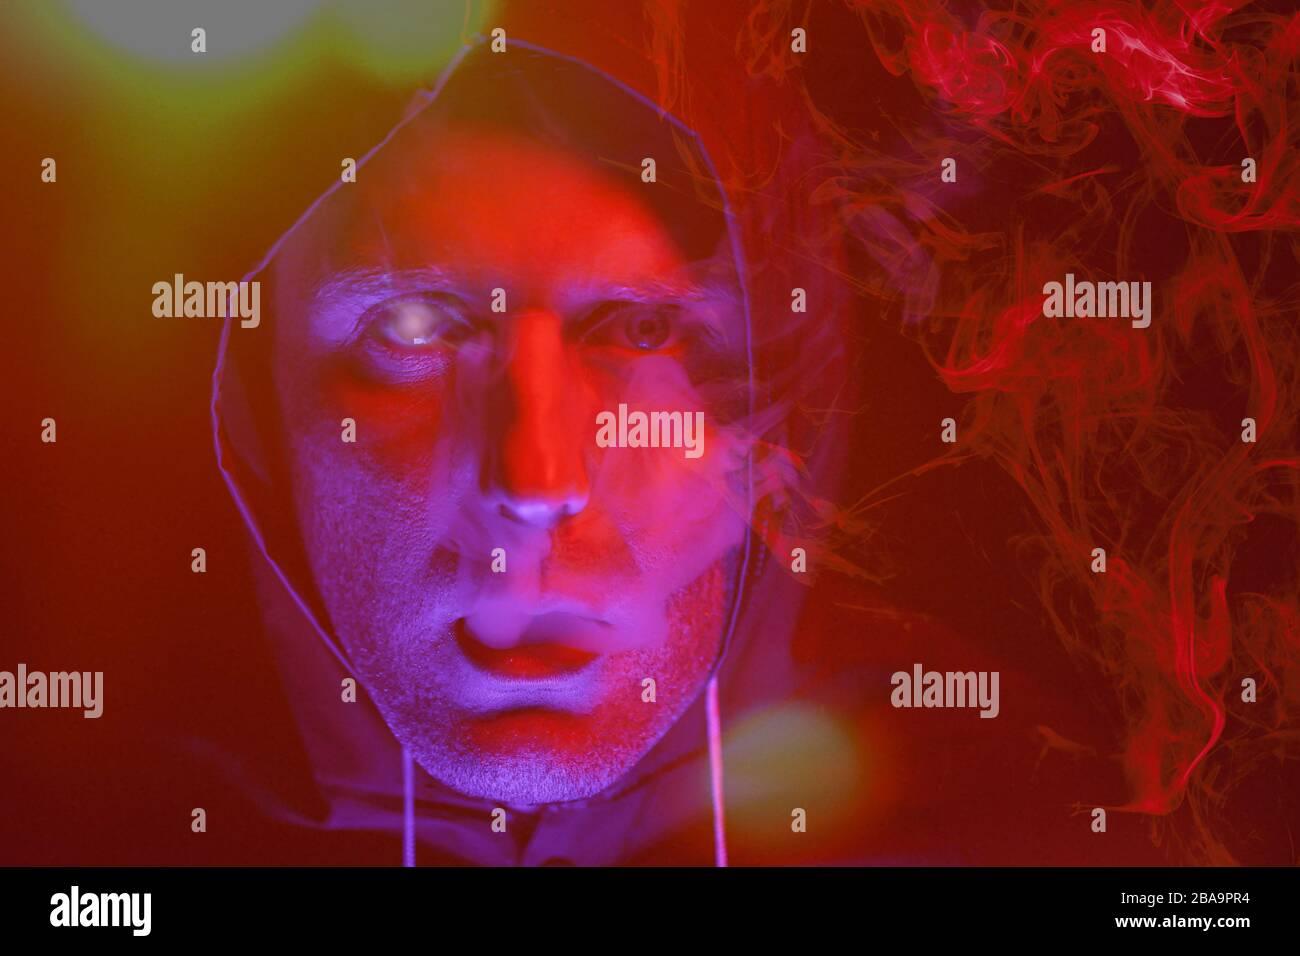 Un hombre en una máscara y un traje de protección química en rojo y azul claro. Lucha contra el virus Foto de stock